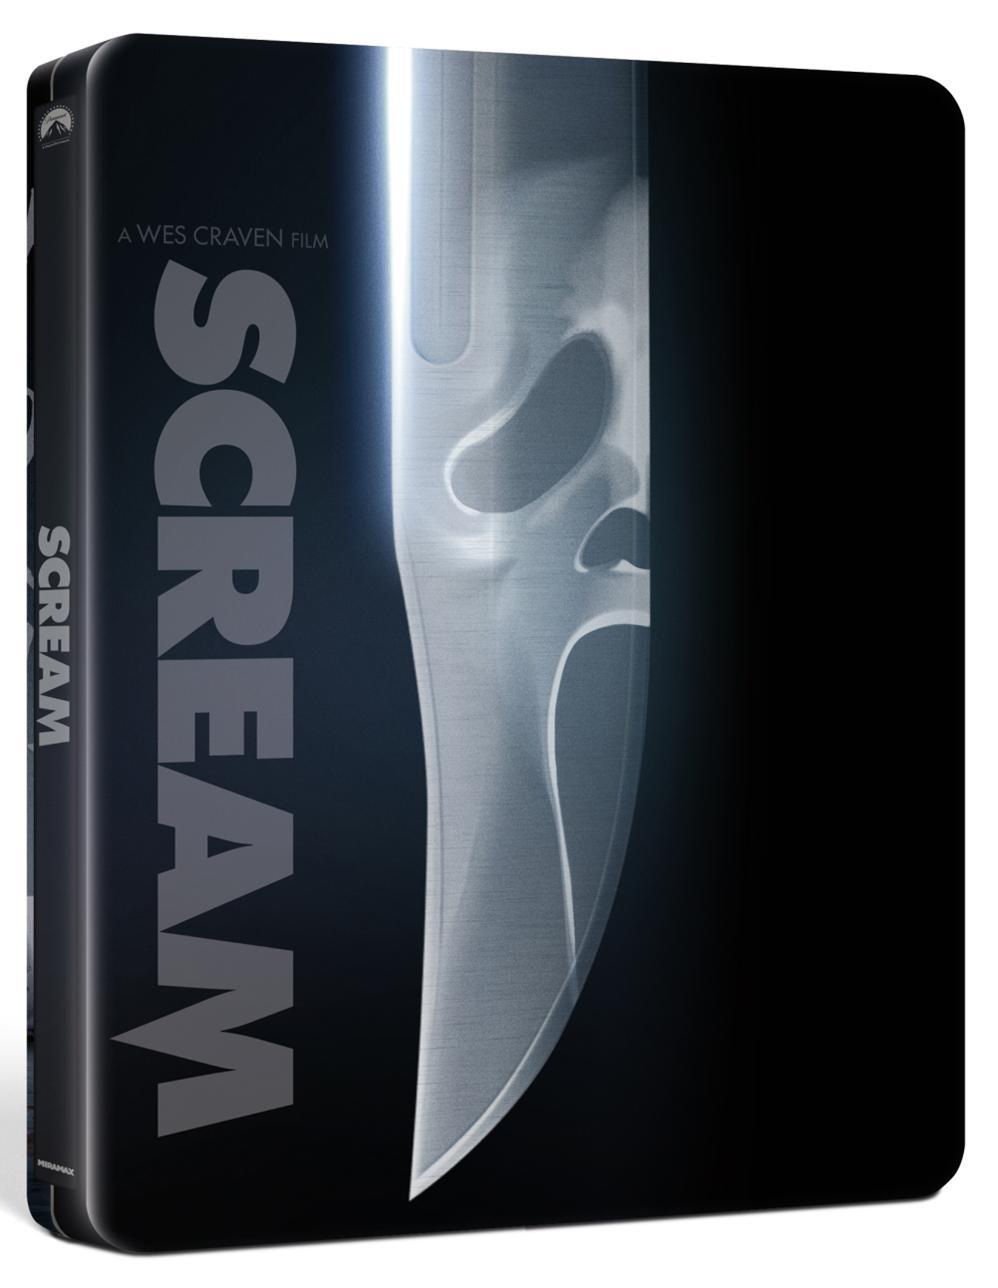 SCREAM (STEELBOOK) (BLU-RAY ULTRA HD+BLU-RAY)